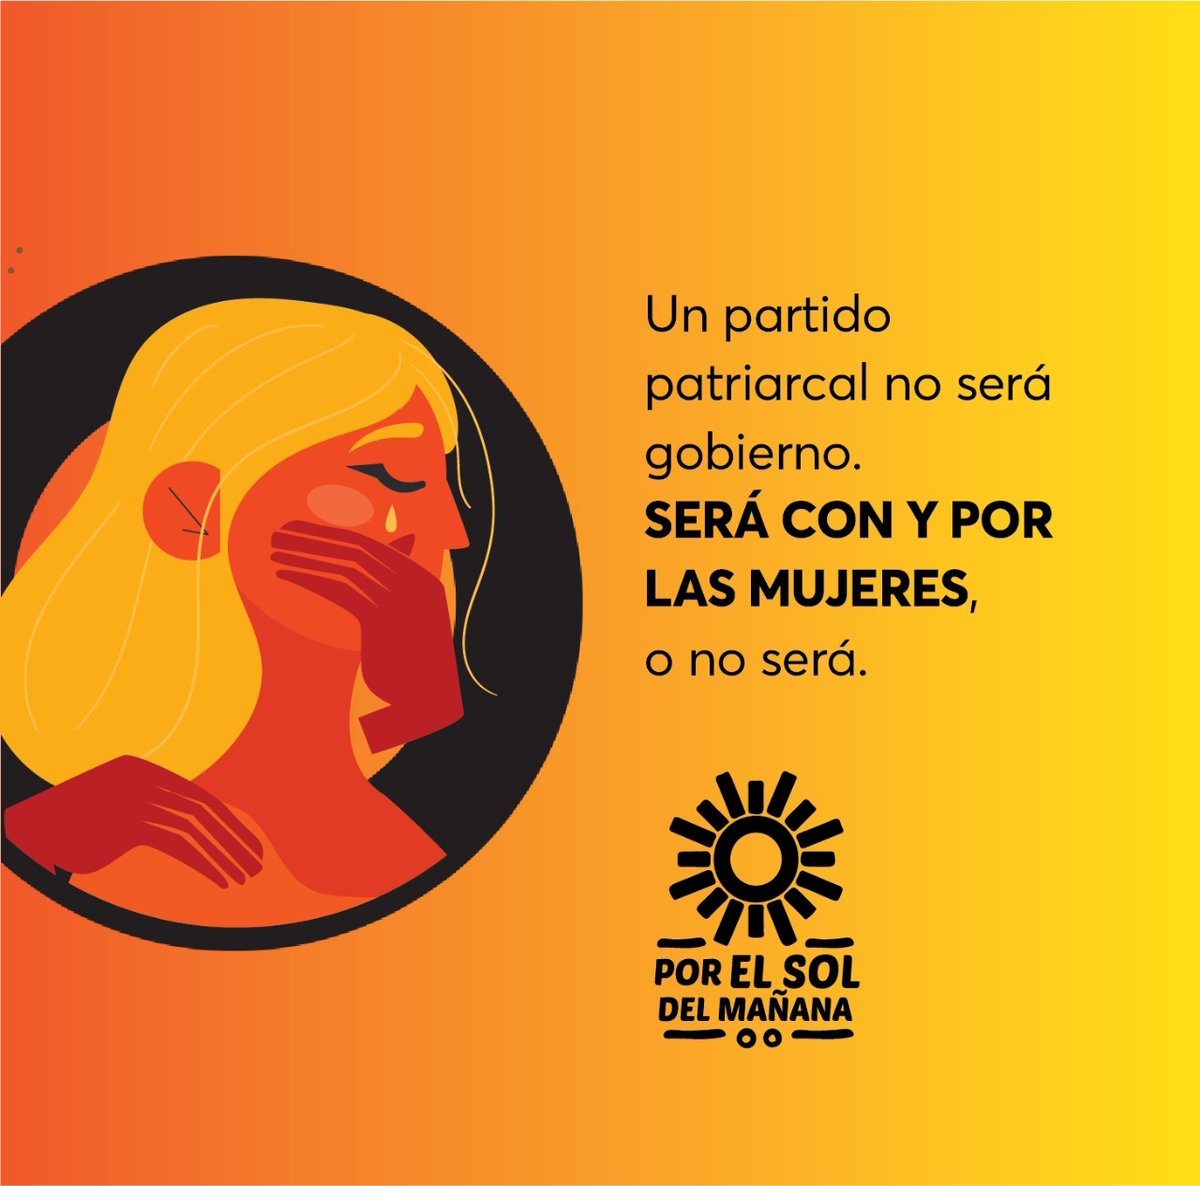 El gobierno de Morena es incapaz de empatizar con la lucha de las mujeres porque entre sus filas se encuentran agresores, acosadores y violadores. No podemos permitir que sigan gobernando, #VotoÚtil #VotaPRD #VaPorMéxico https://t.co/Cx7c7BTi8C